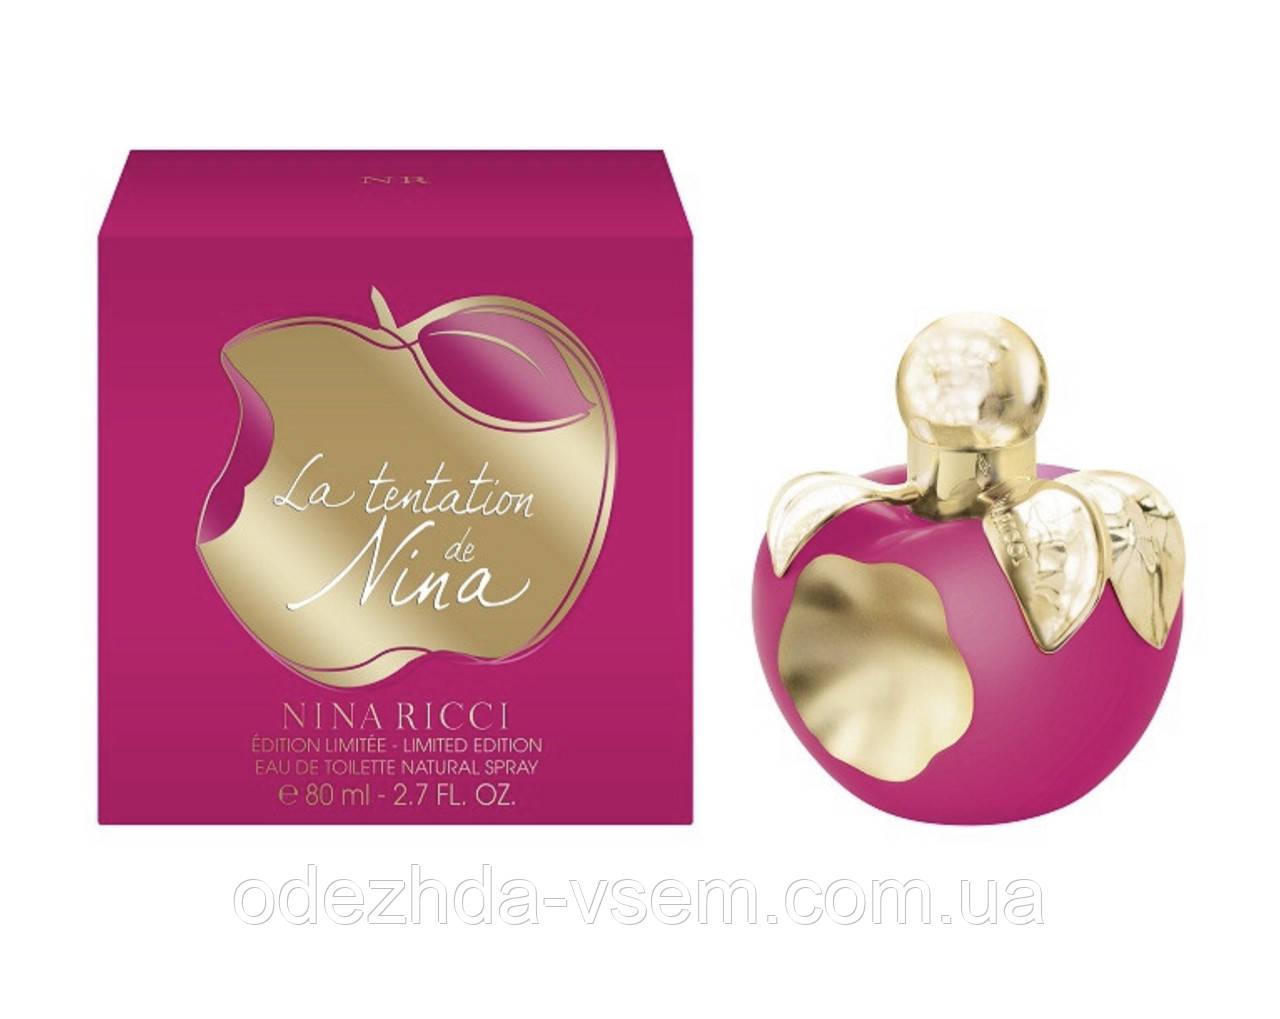 Женская туалетная вода Nina Ricci La Tentation de Nina (Ярко-розовая упаковка)80ml